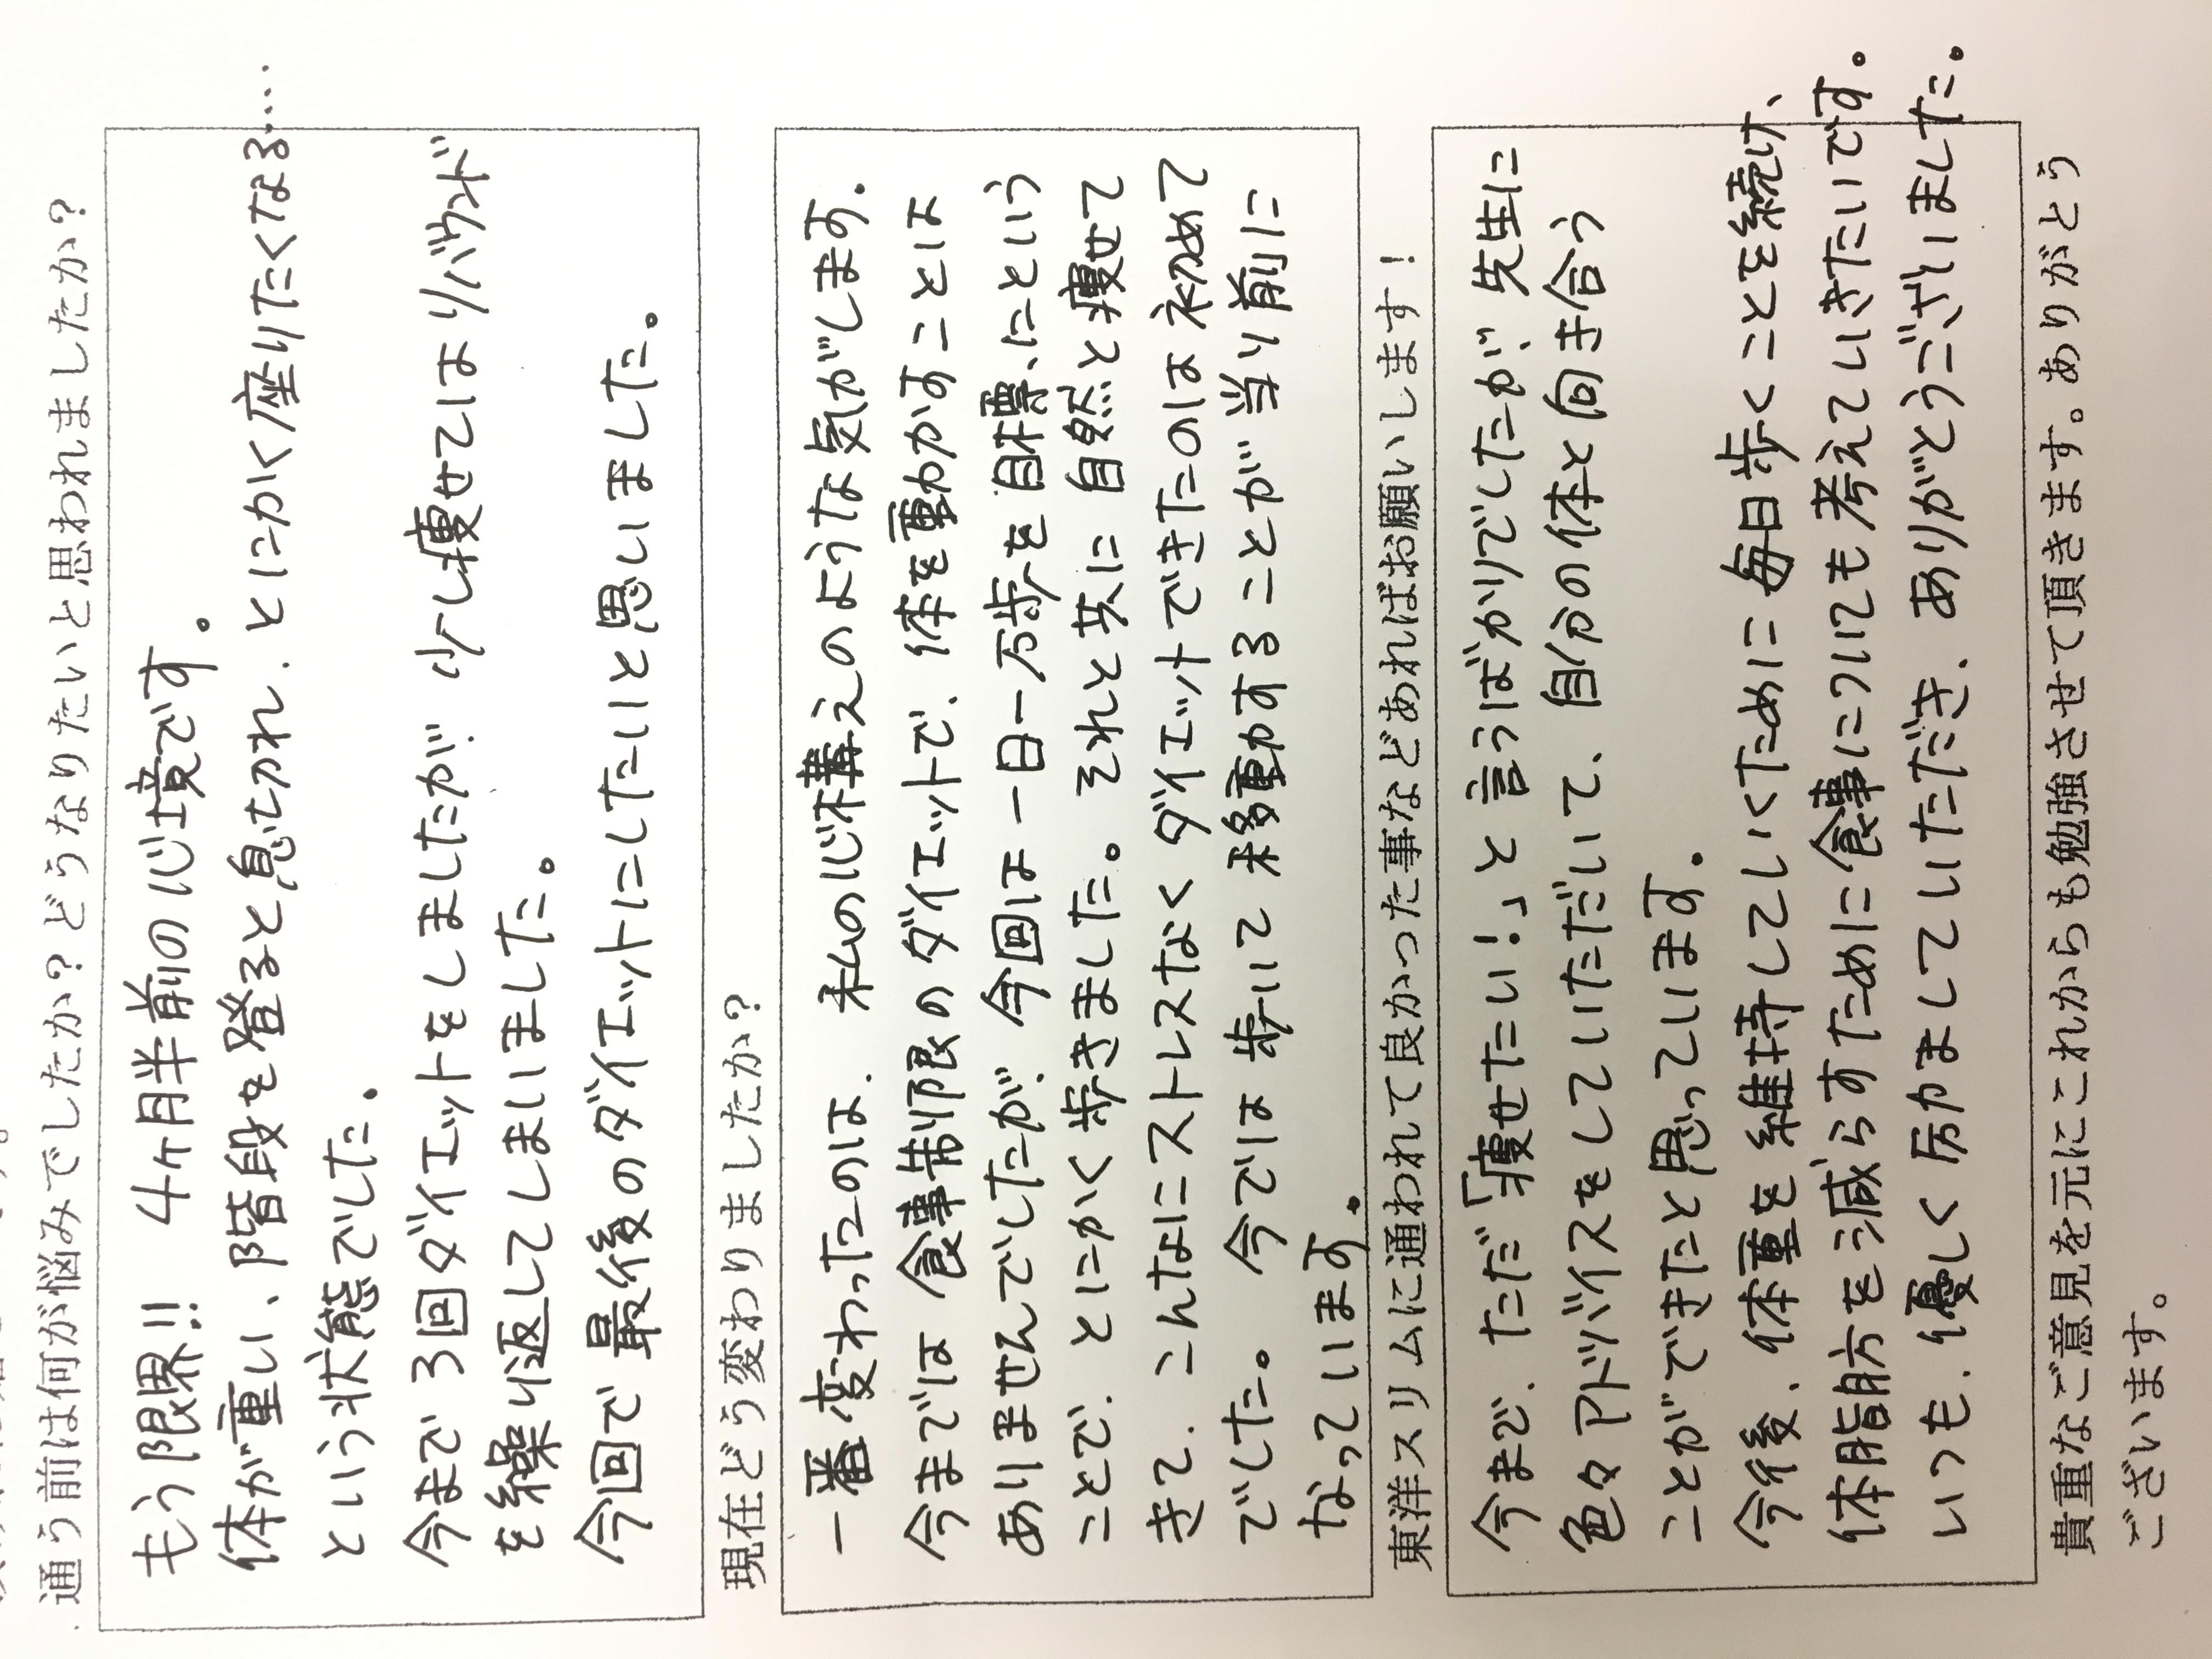 [皆様の声]大阪市阿倍野区Hさん51才14.4kg耳つぼダイエット成功